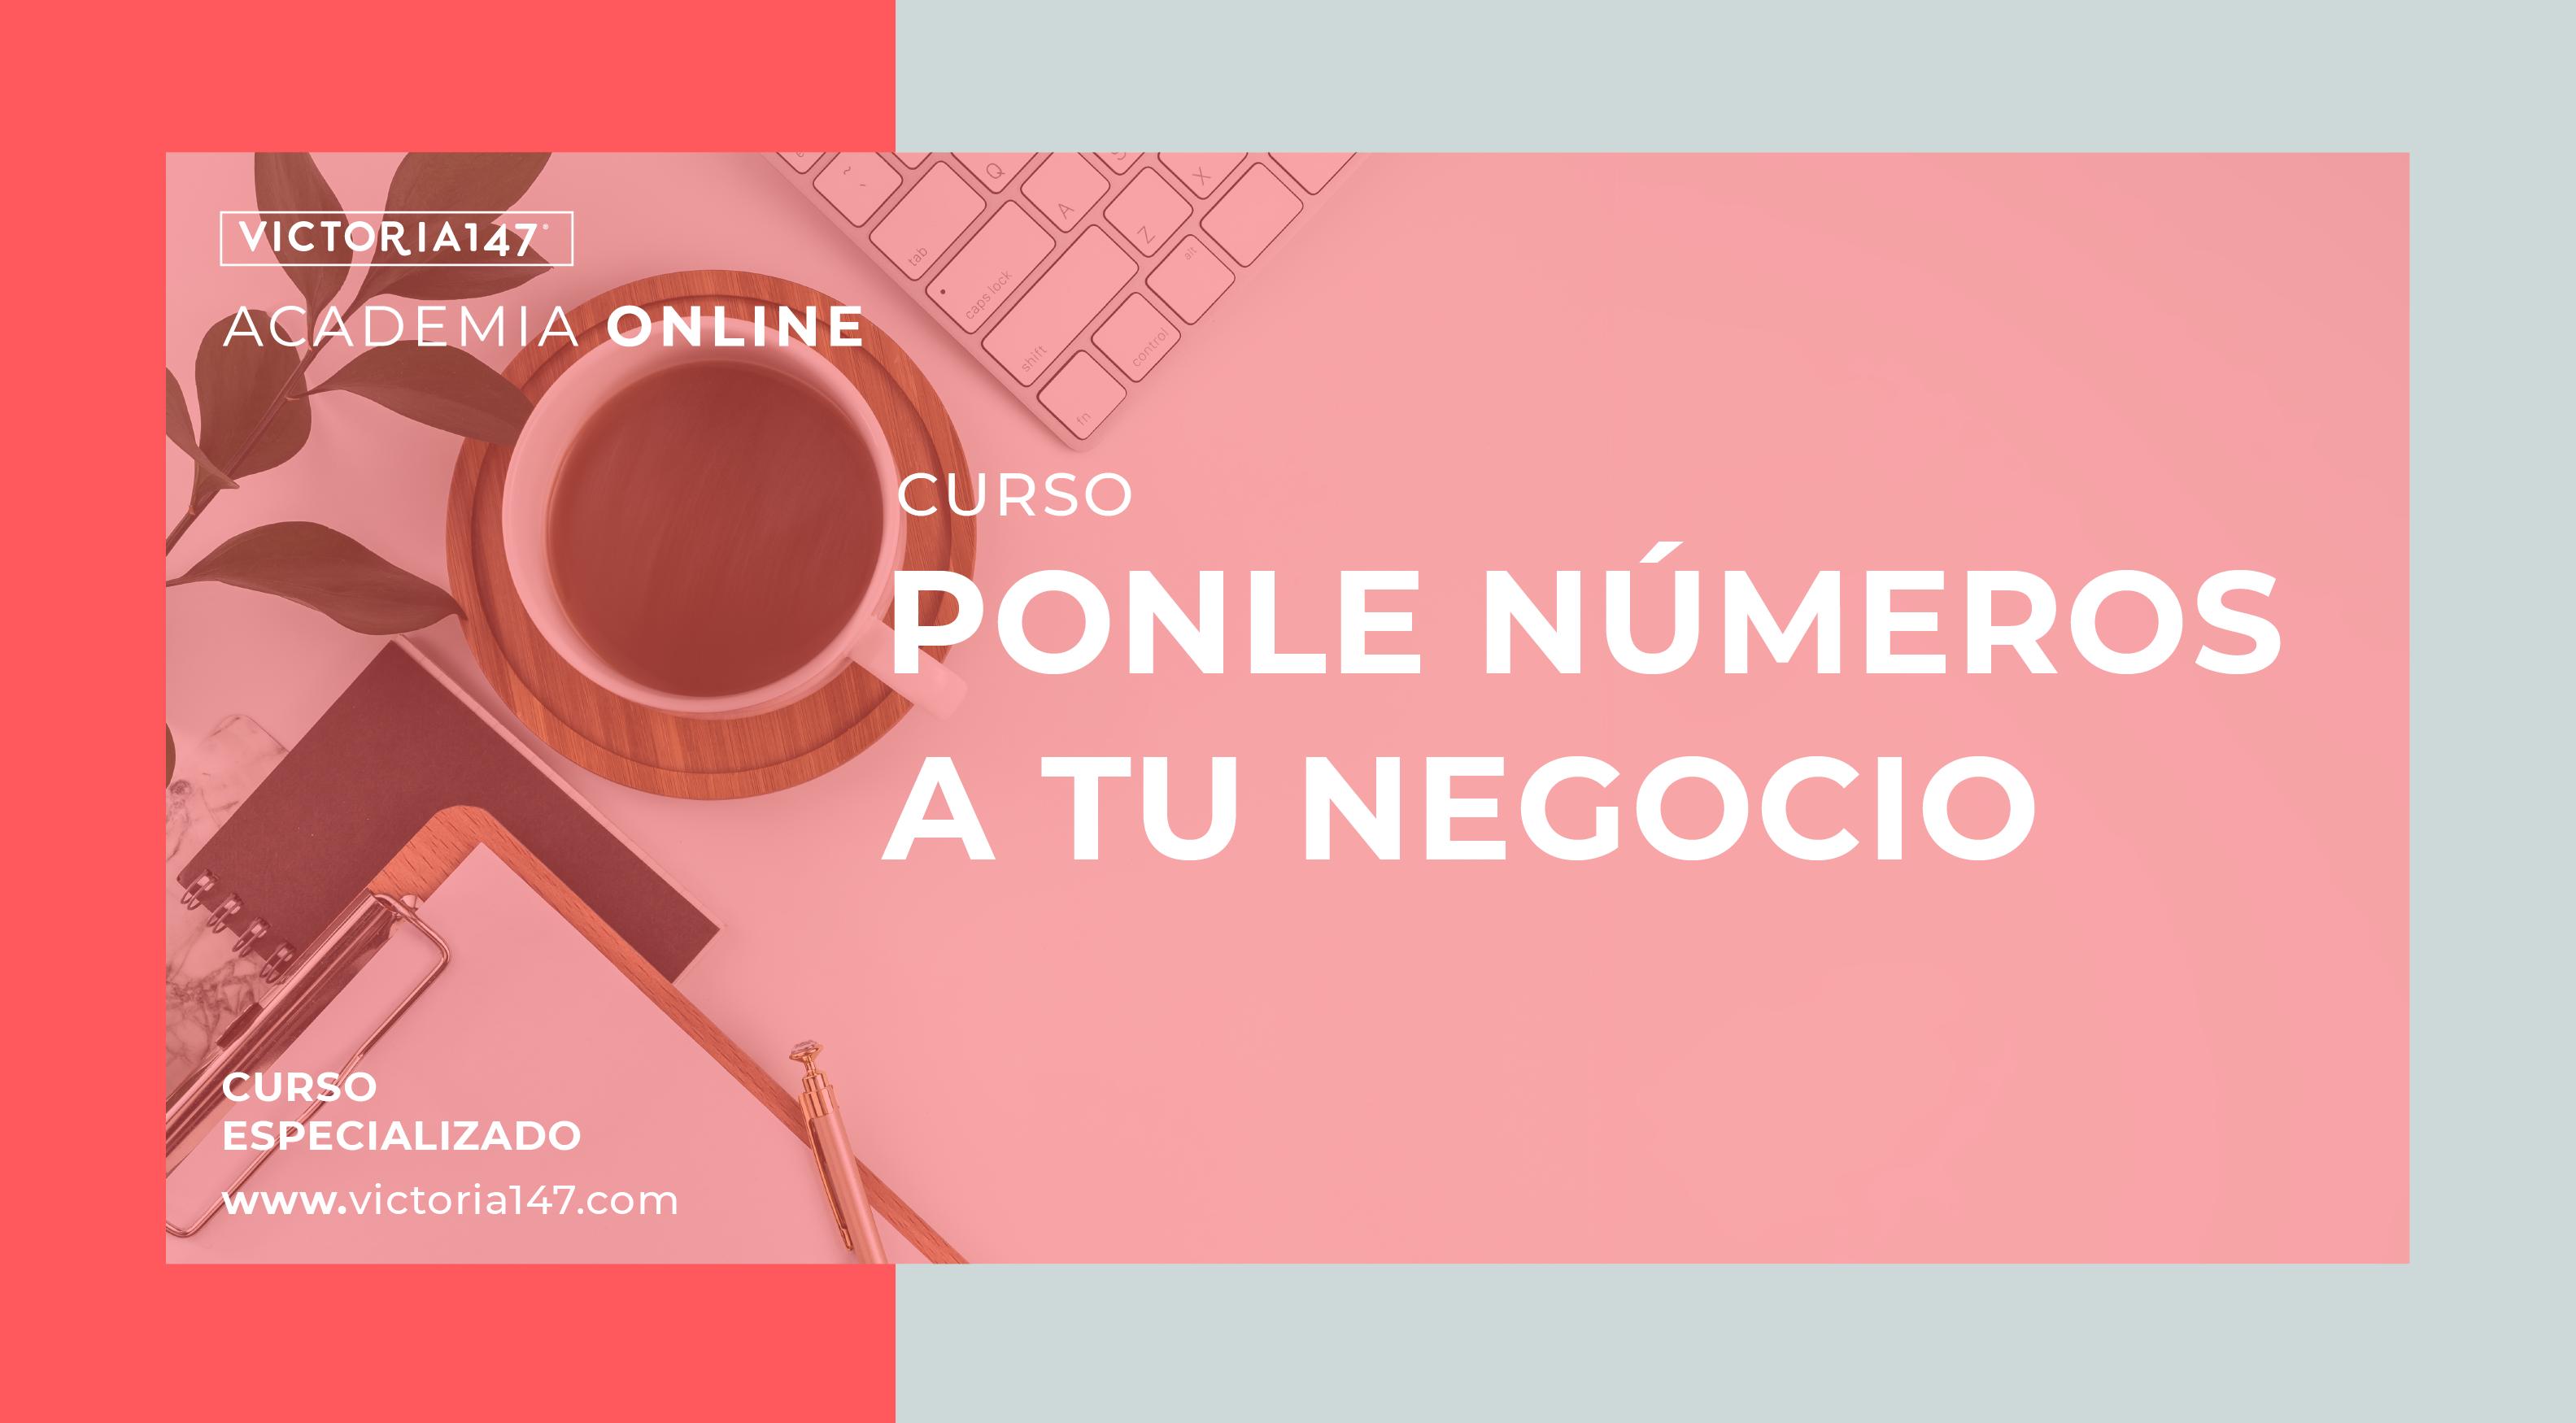 Ponle números a tu negocio Online